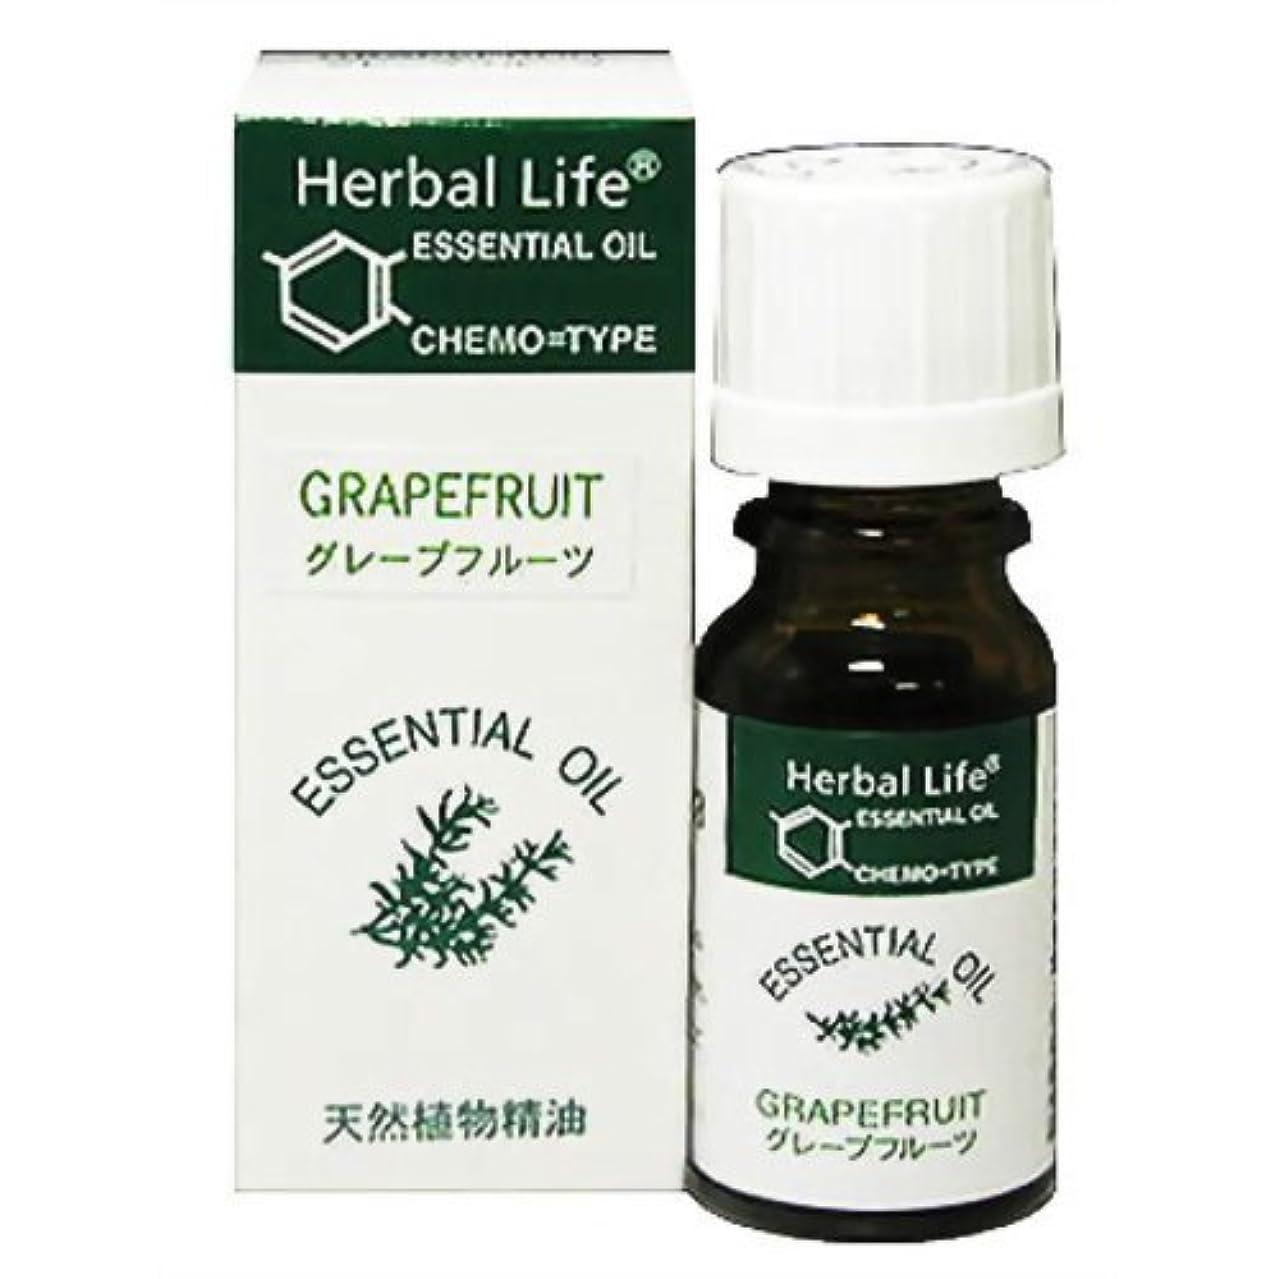 考案するドロー王族生活の木 Herbal Life グレープフルーツ 10ml